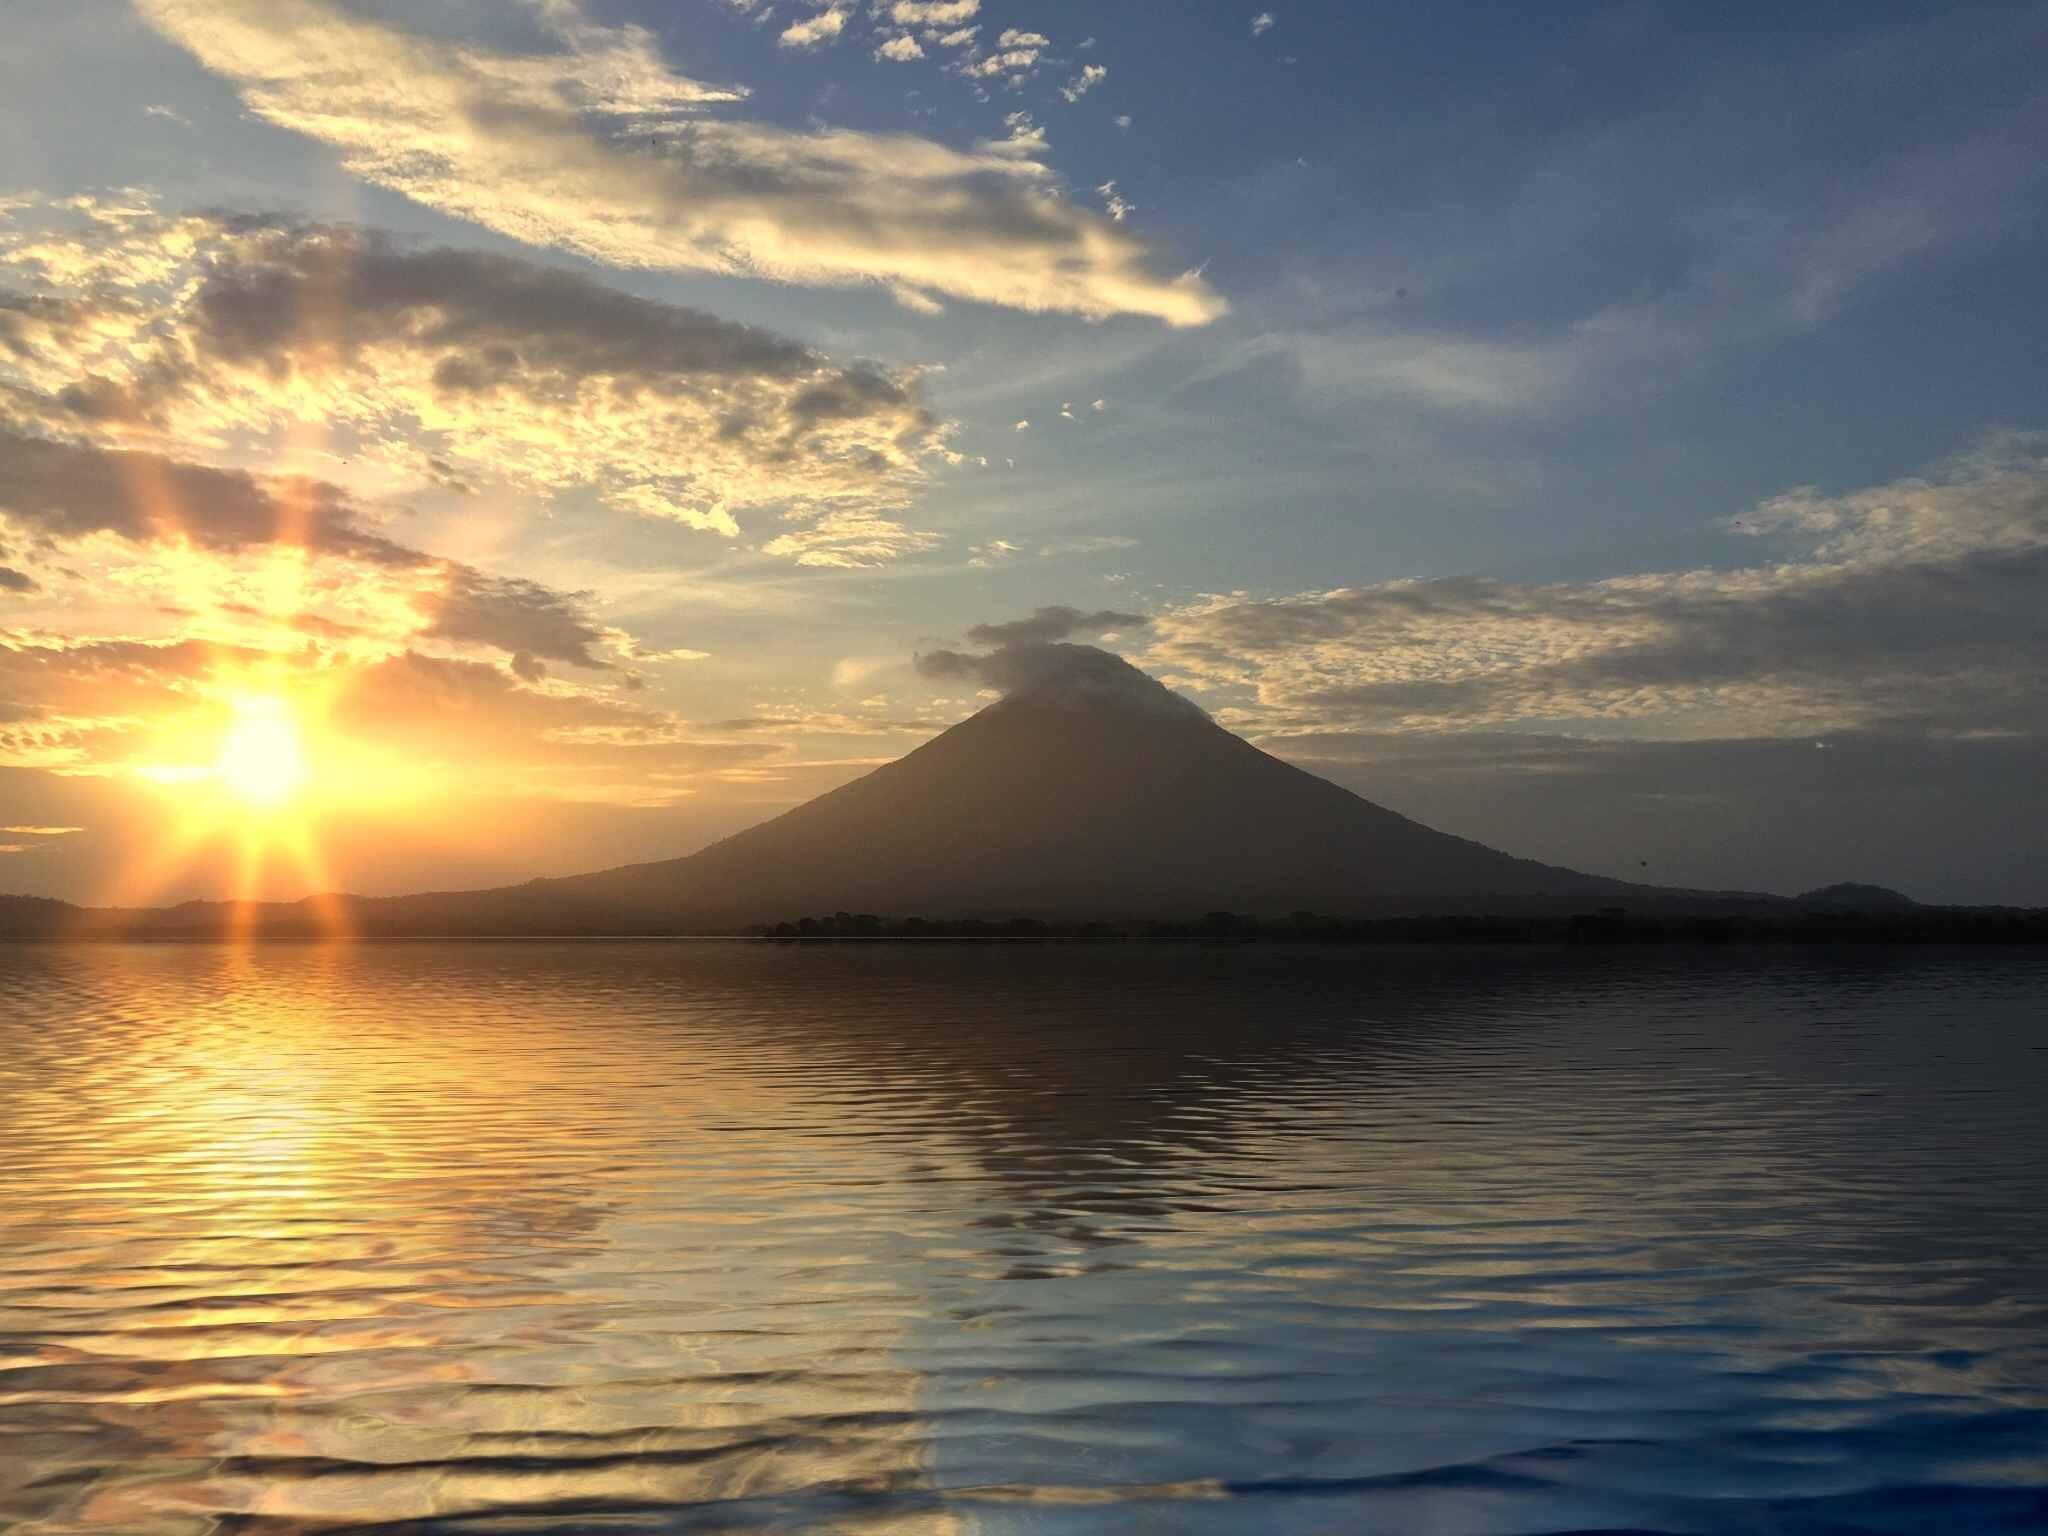 Silhouette Volcano Against Sunset Sky In Ometepe Island